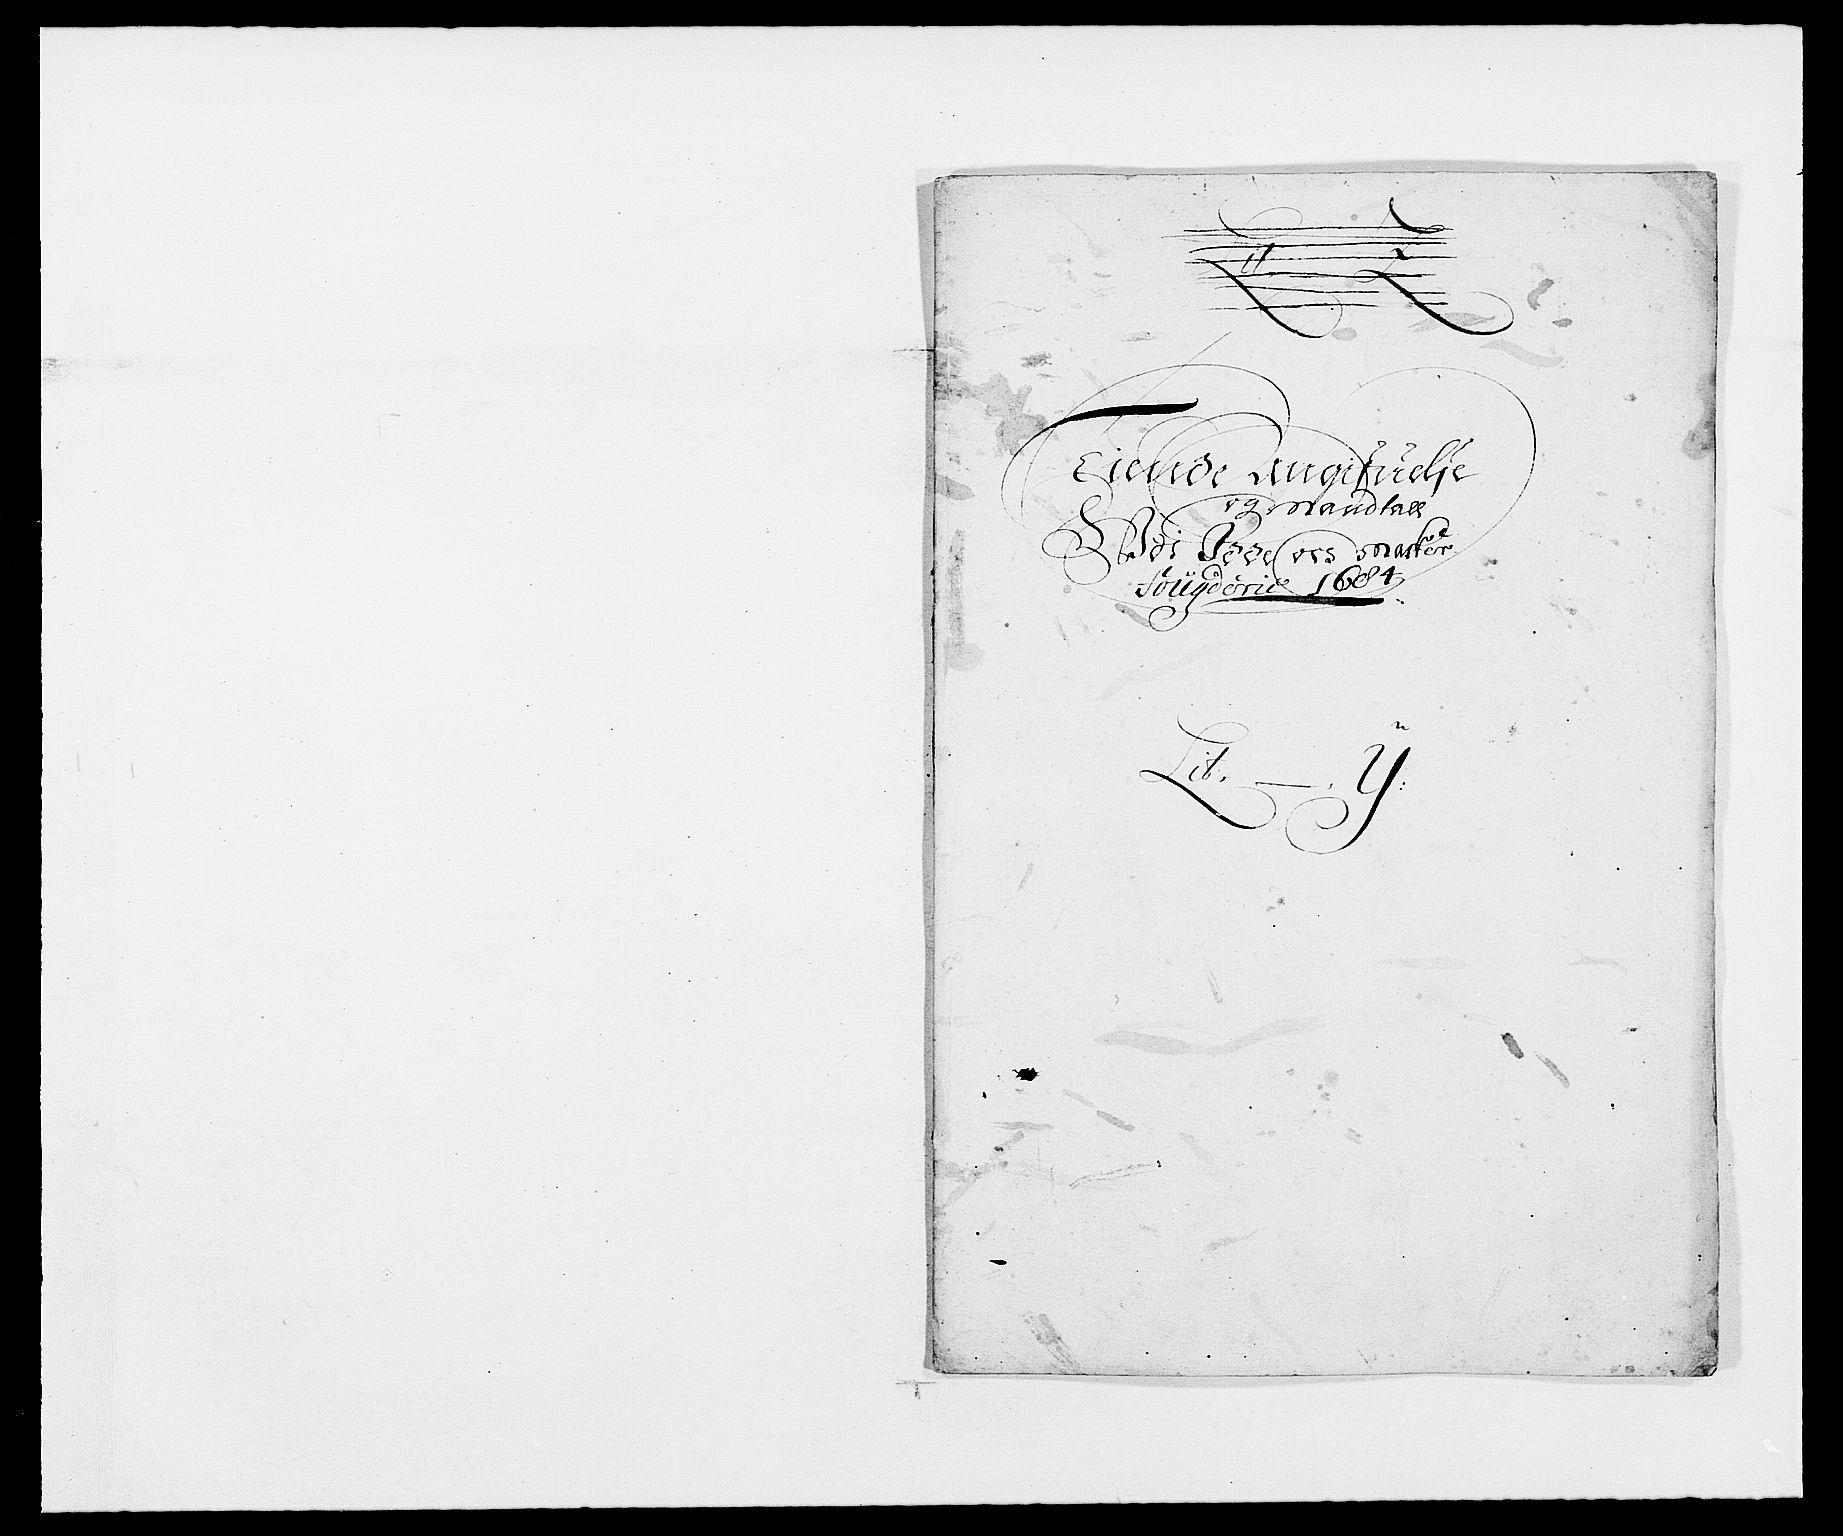 RA, Rentekammeret inntil 1814, Reviderte regnskaper, Fogderegnskap, R01/L0005: Fogderegnskap Idd og Marker , 1682-1684, s. 55